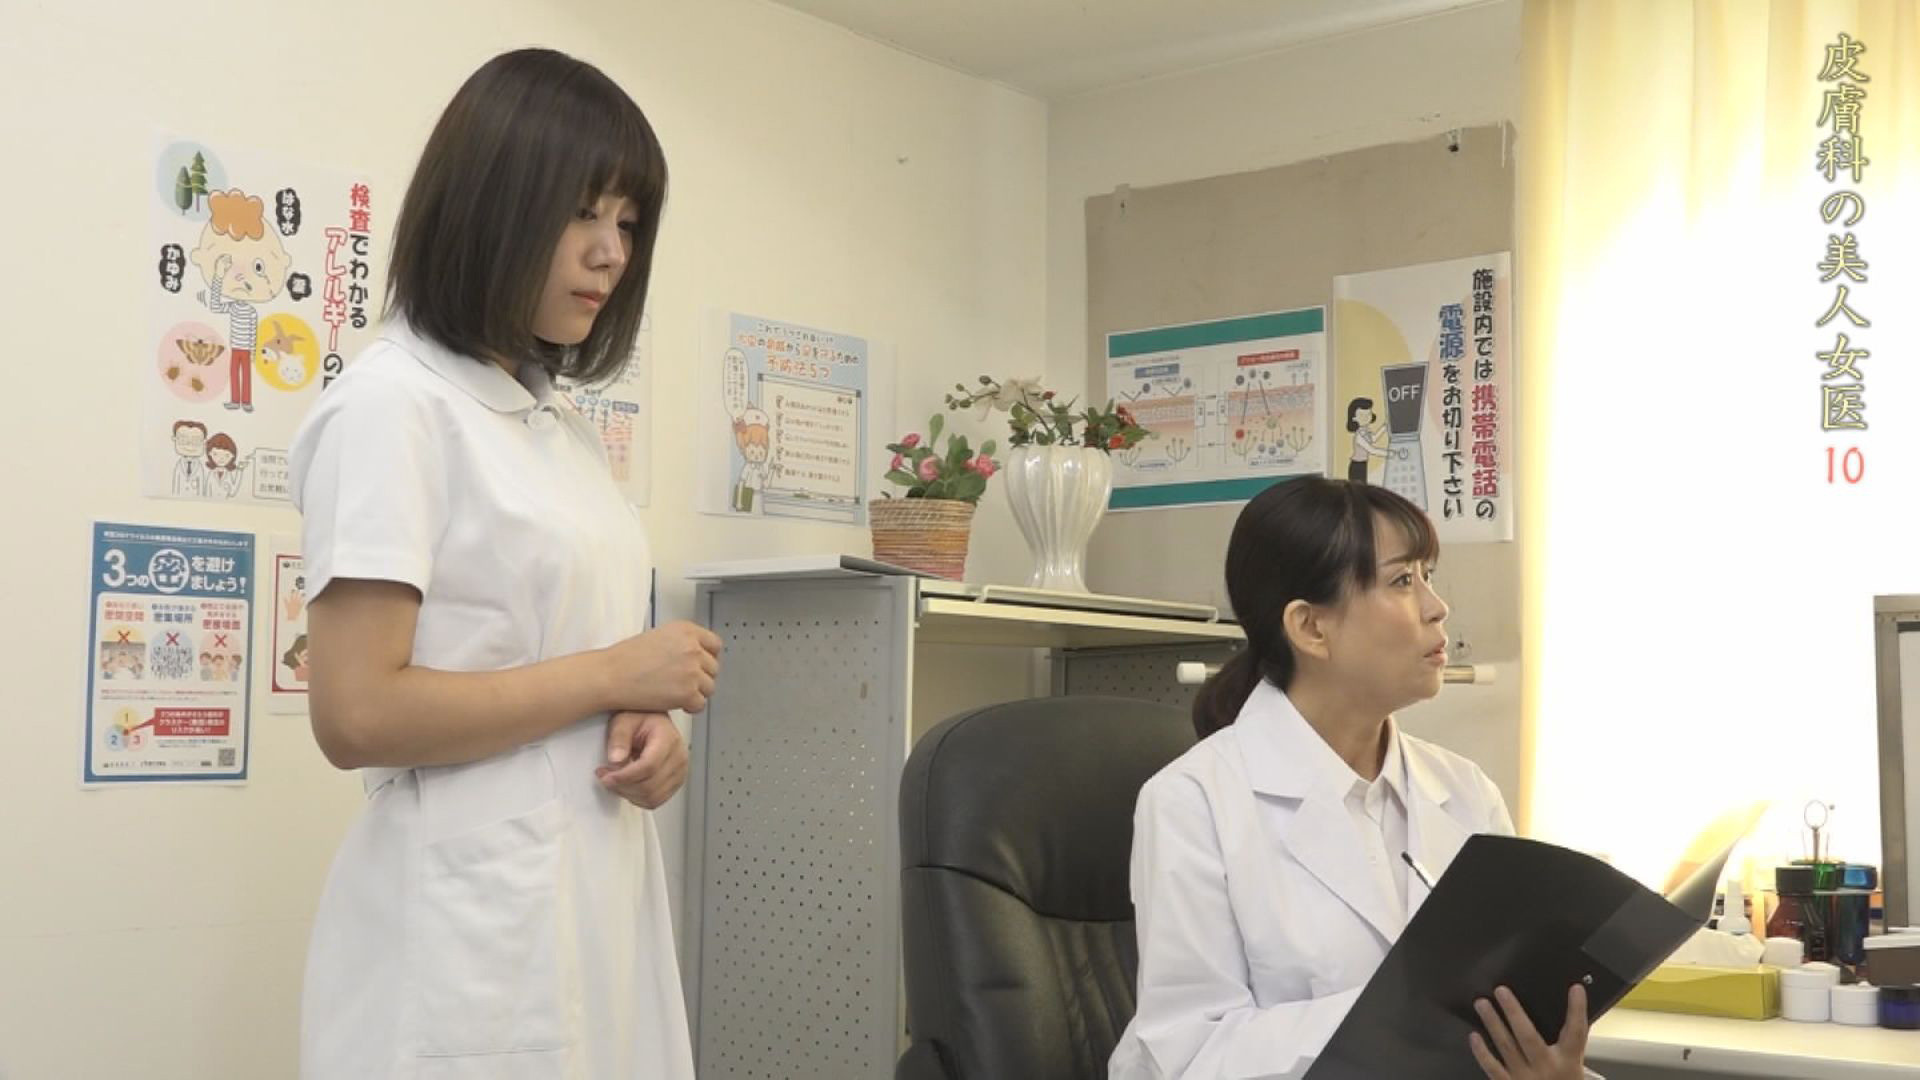 美人の先生がいる皮膚科に行って腫れたチンコを診てもらう流れでヌイてもらいたい(10),のサンプル画像1